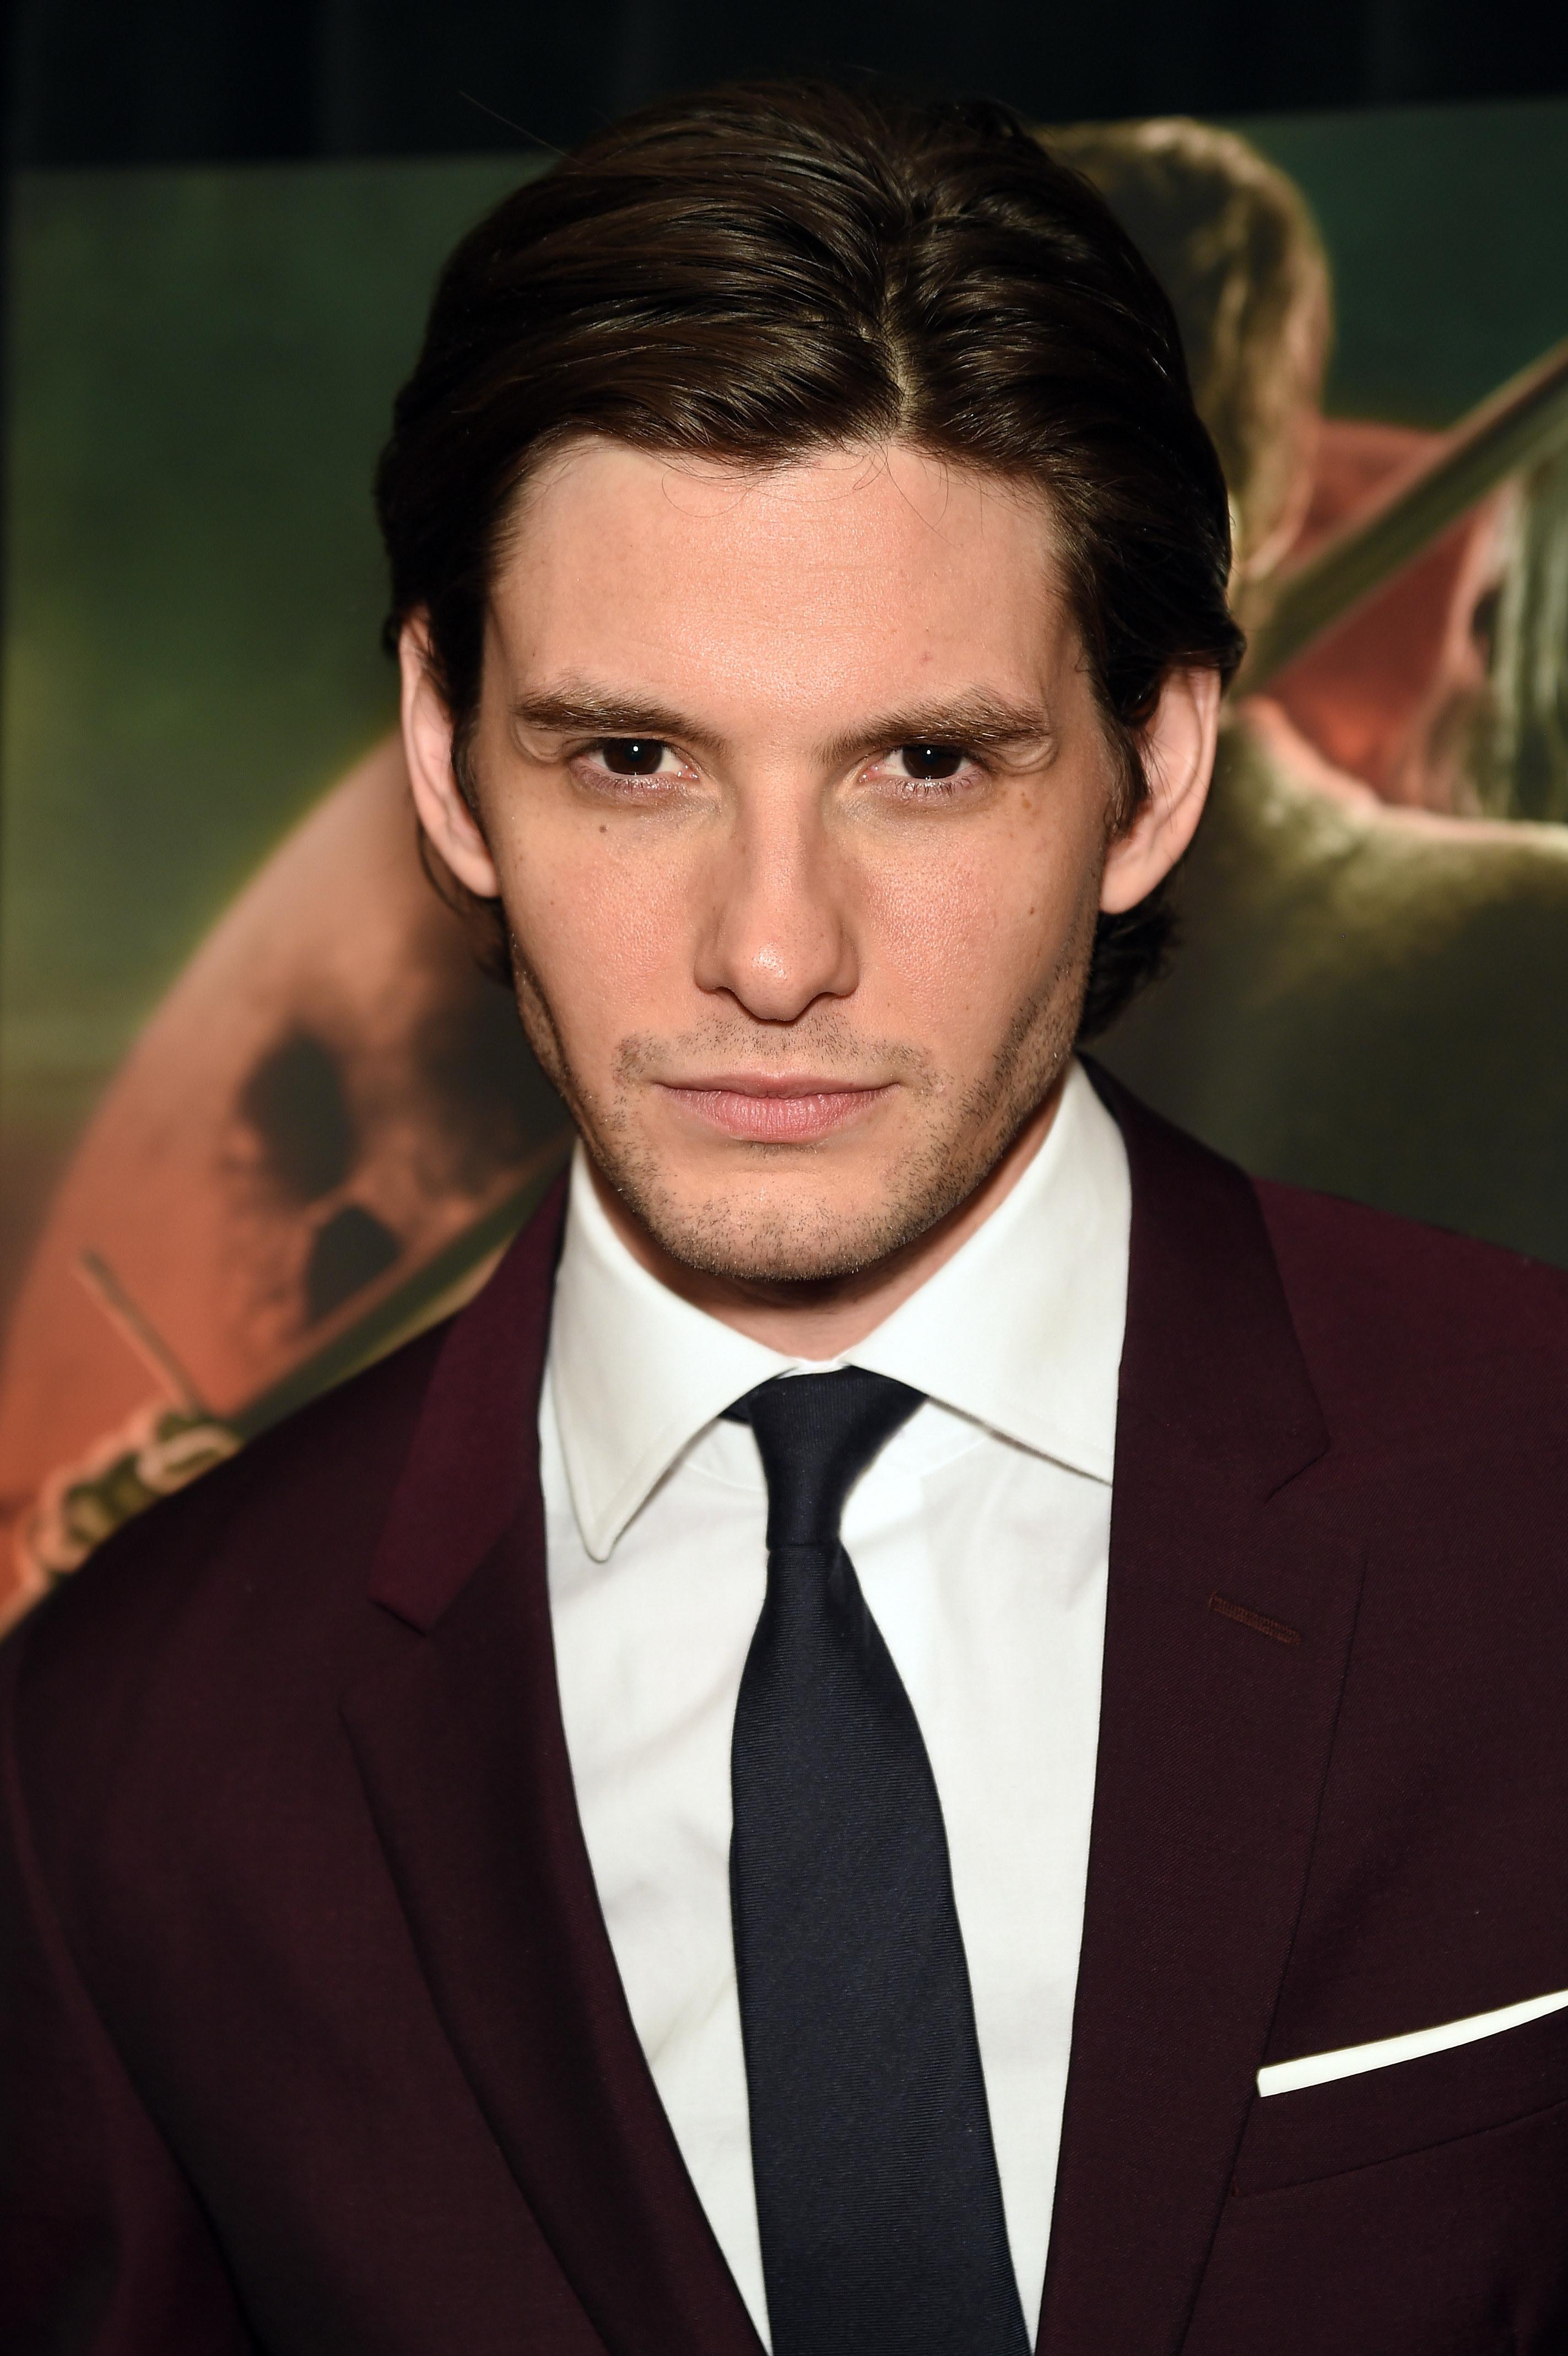 Ben Barnes in a suit and tie